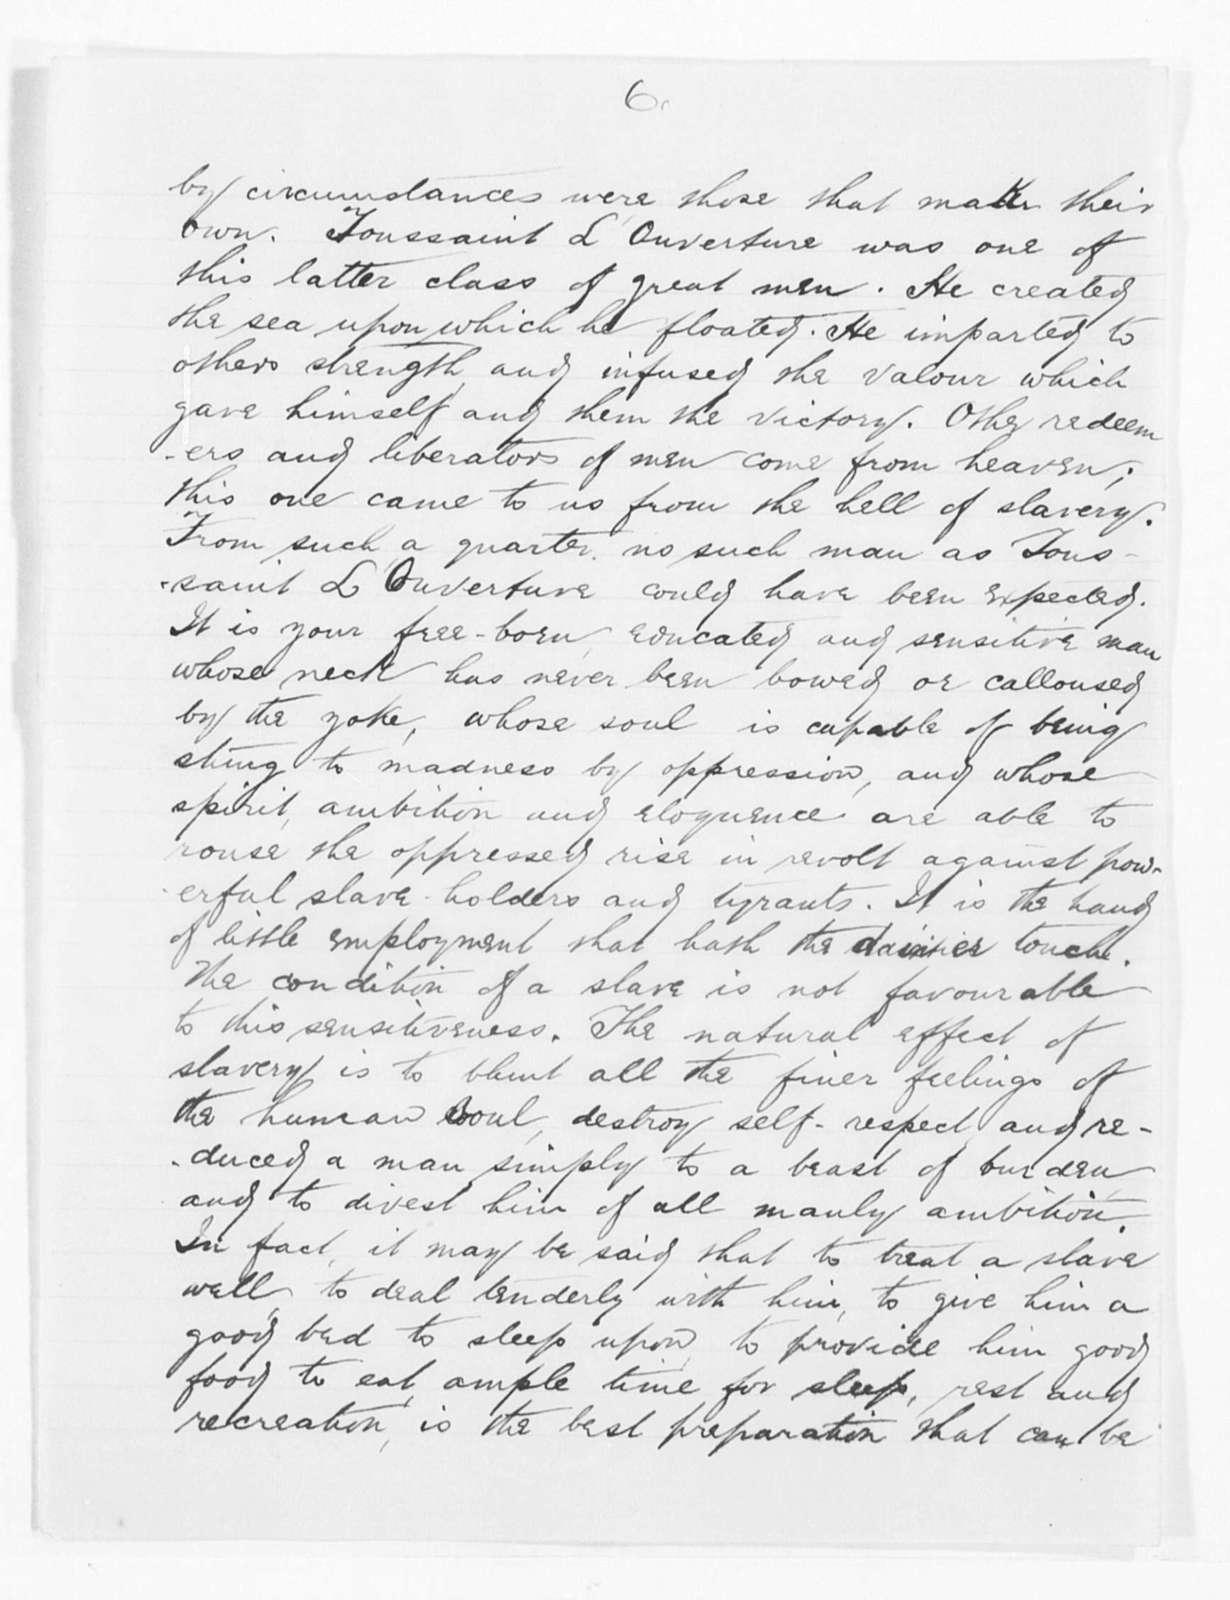 [Toussaint L'Ouverture] - Folder 1 of 2